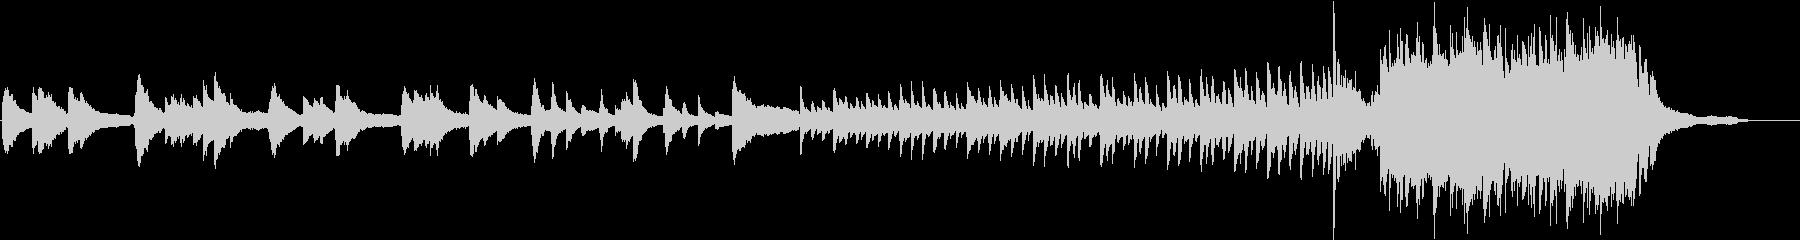 切ないピアノから後半はリズミカルの未再生の波形